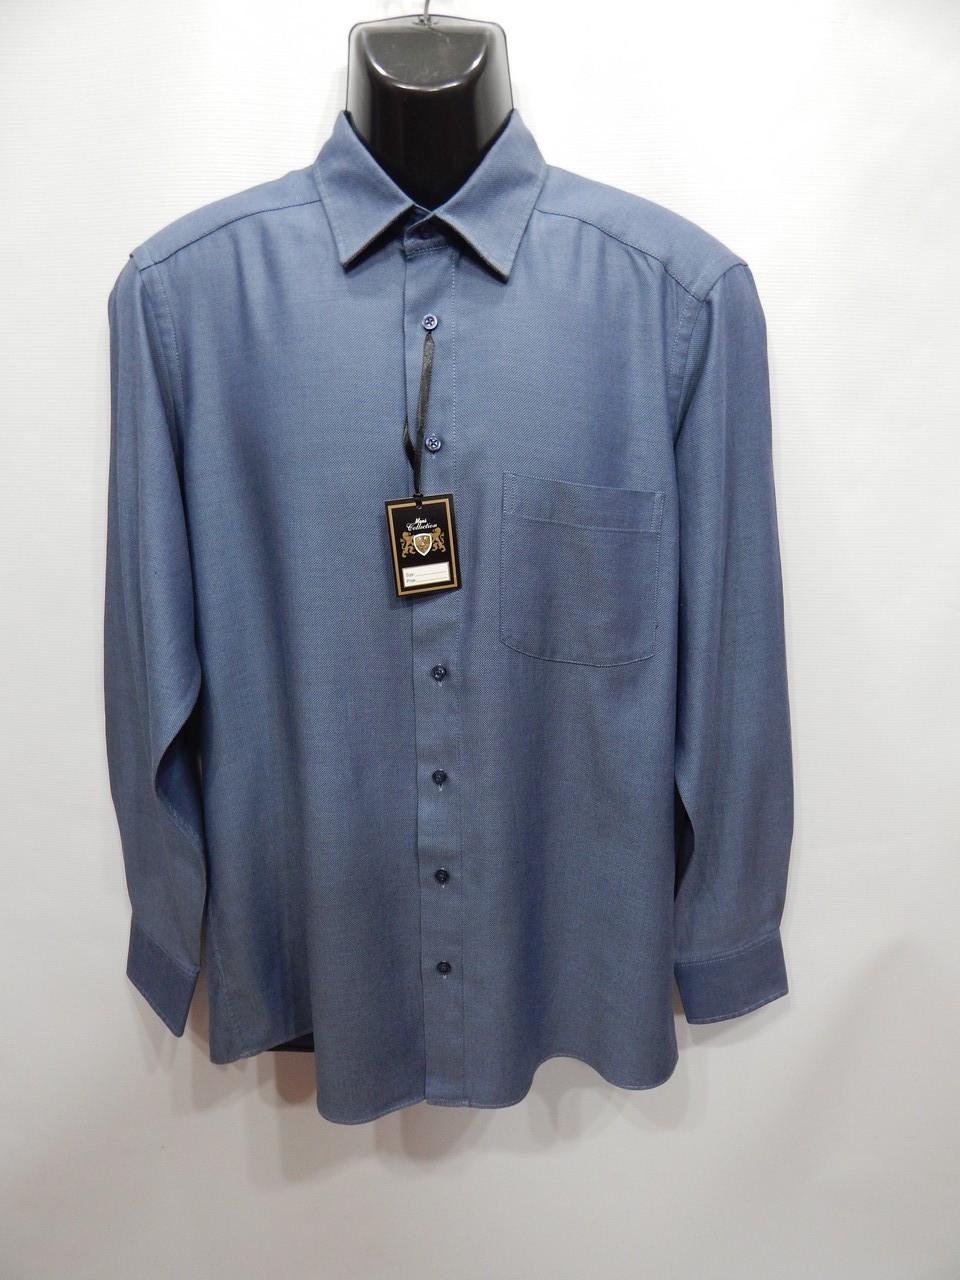 Мужская рубашка с длинным рукавом Royal Class 046ДР р.48